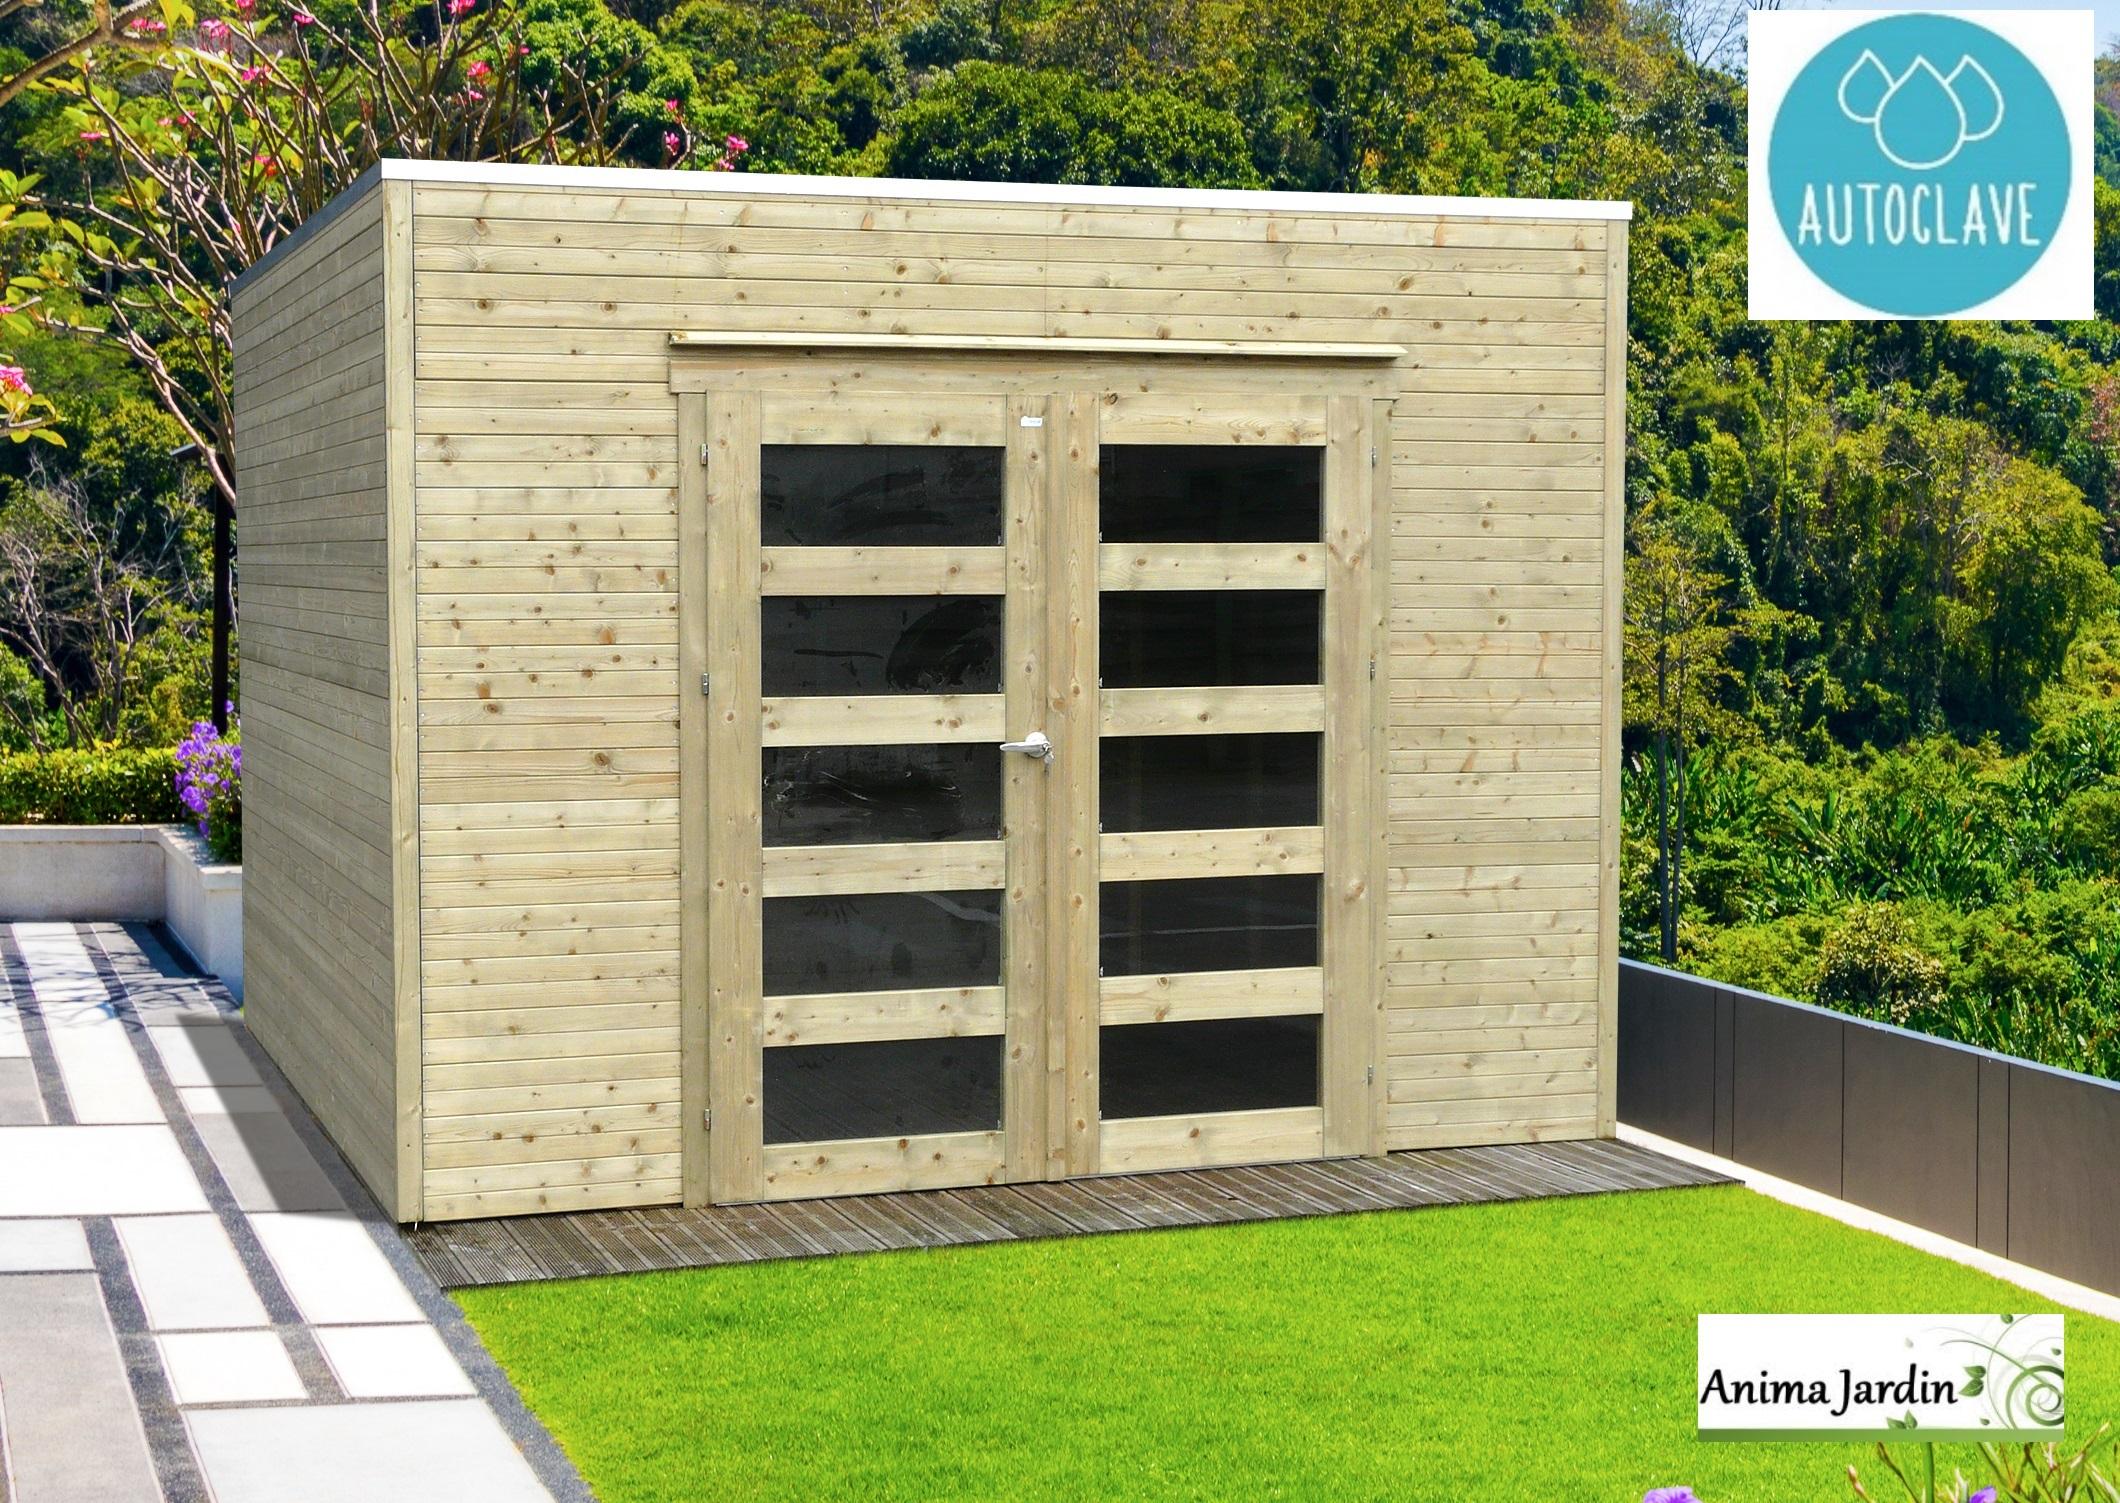 Abri De Jardin En Bois Autoclave 19Mm, Bari, 8M², Toit Plat ... à Abris De Jardin Pas Cher Belgique